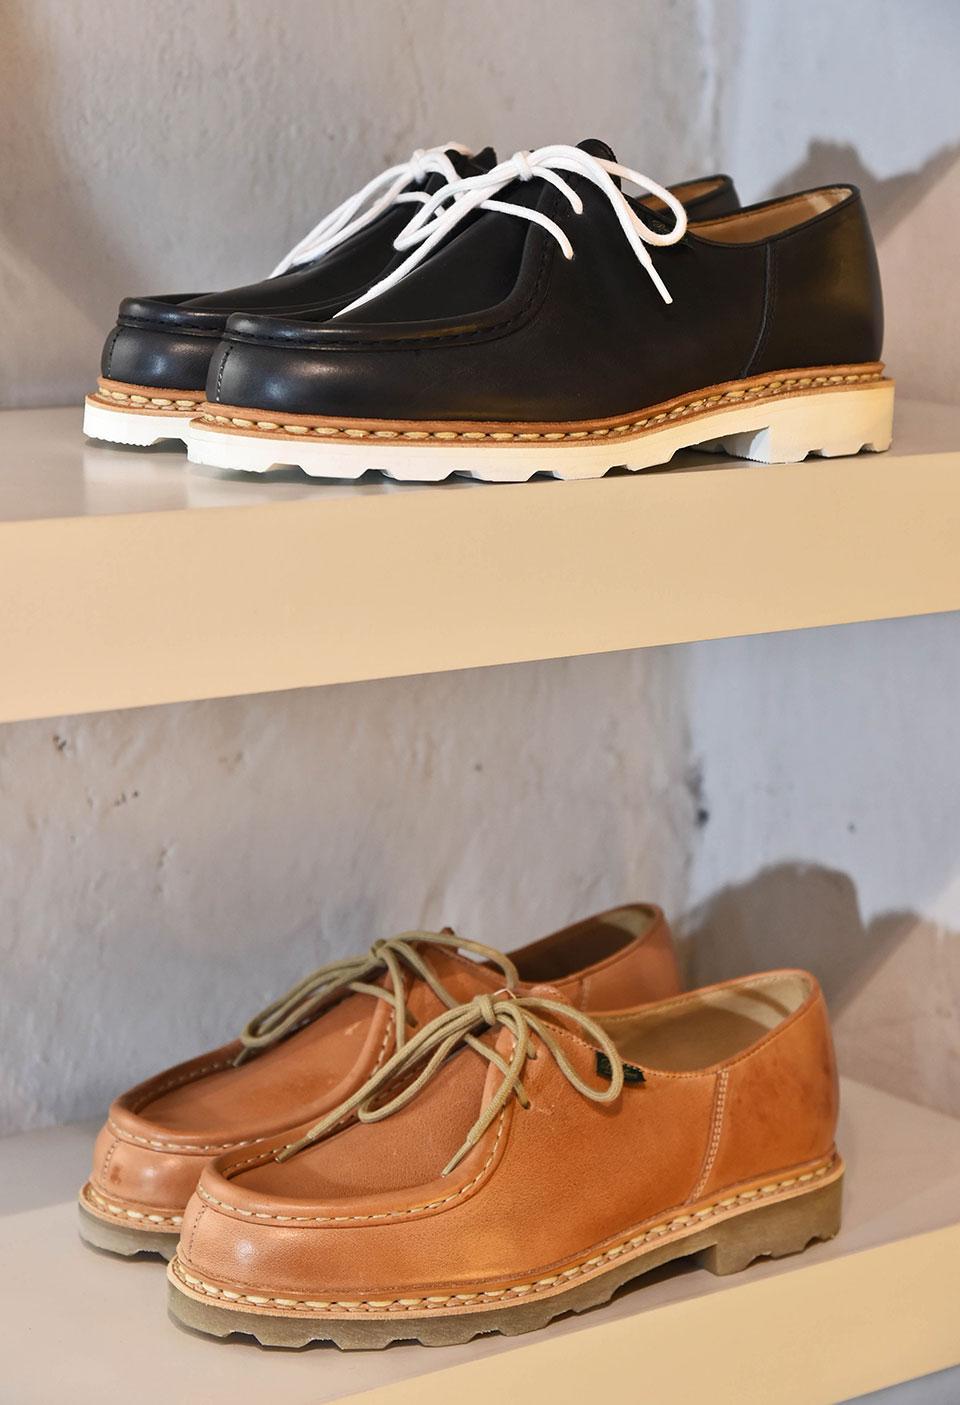 Paraboot shoe